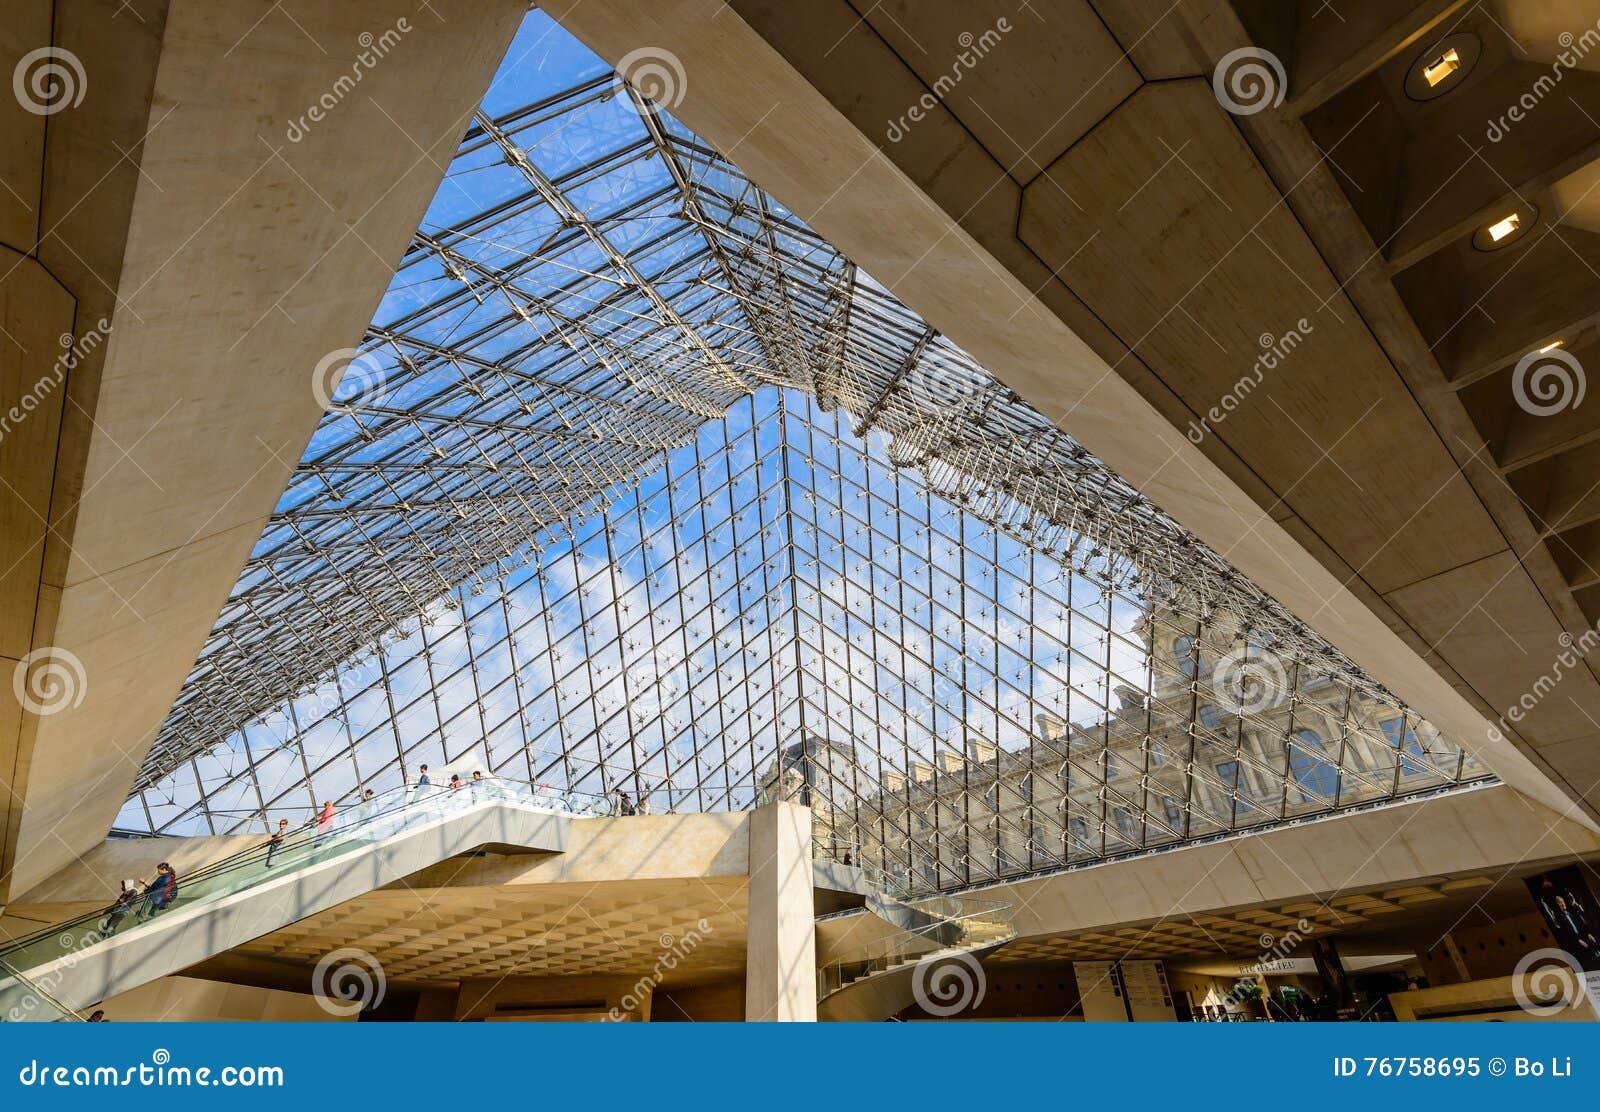 l intrieur de la pyramide en verre du muse de louvre